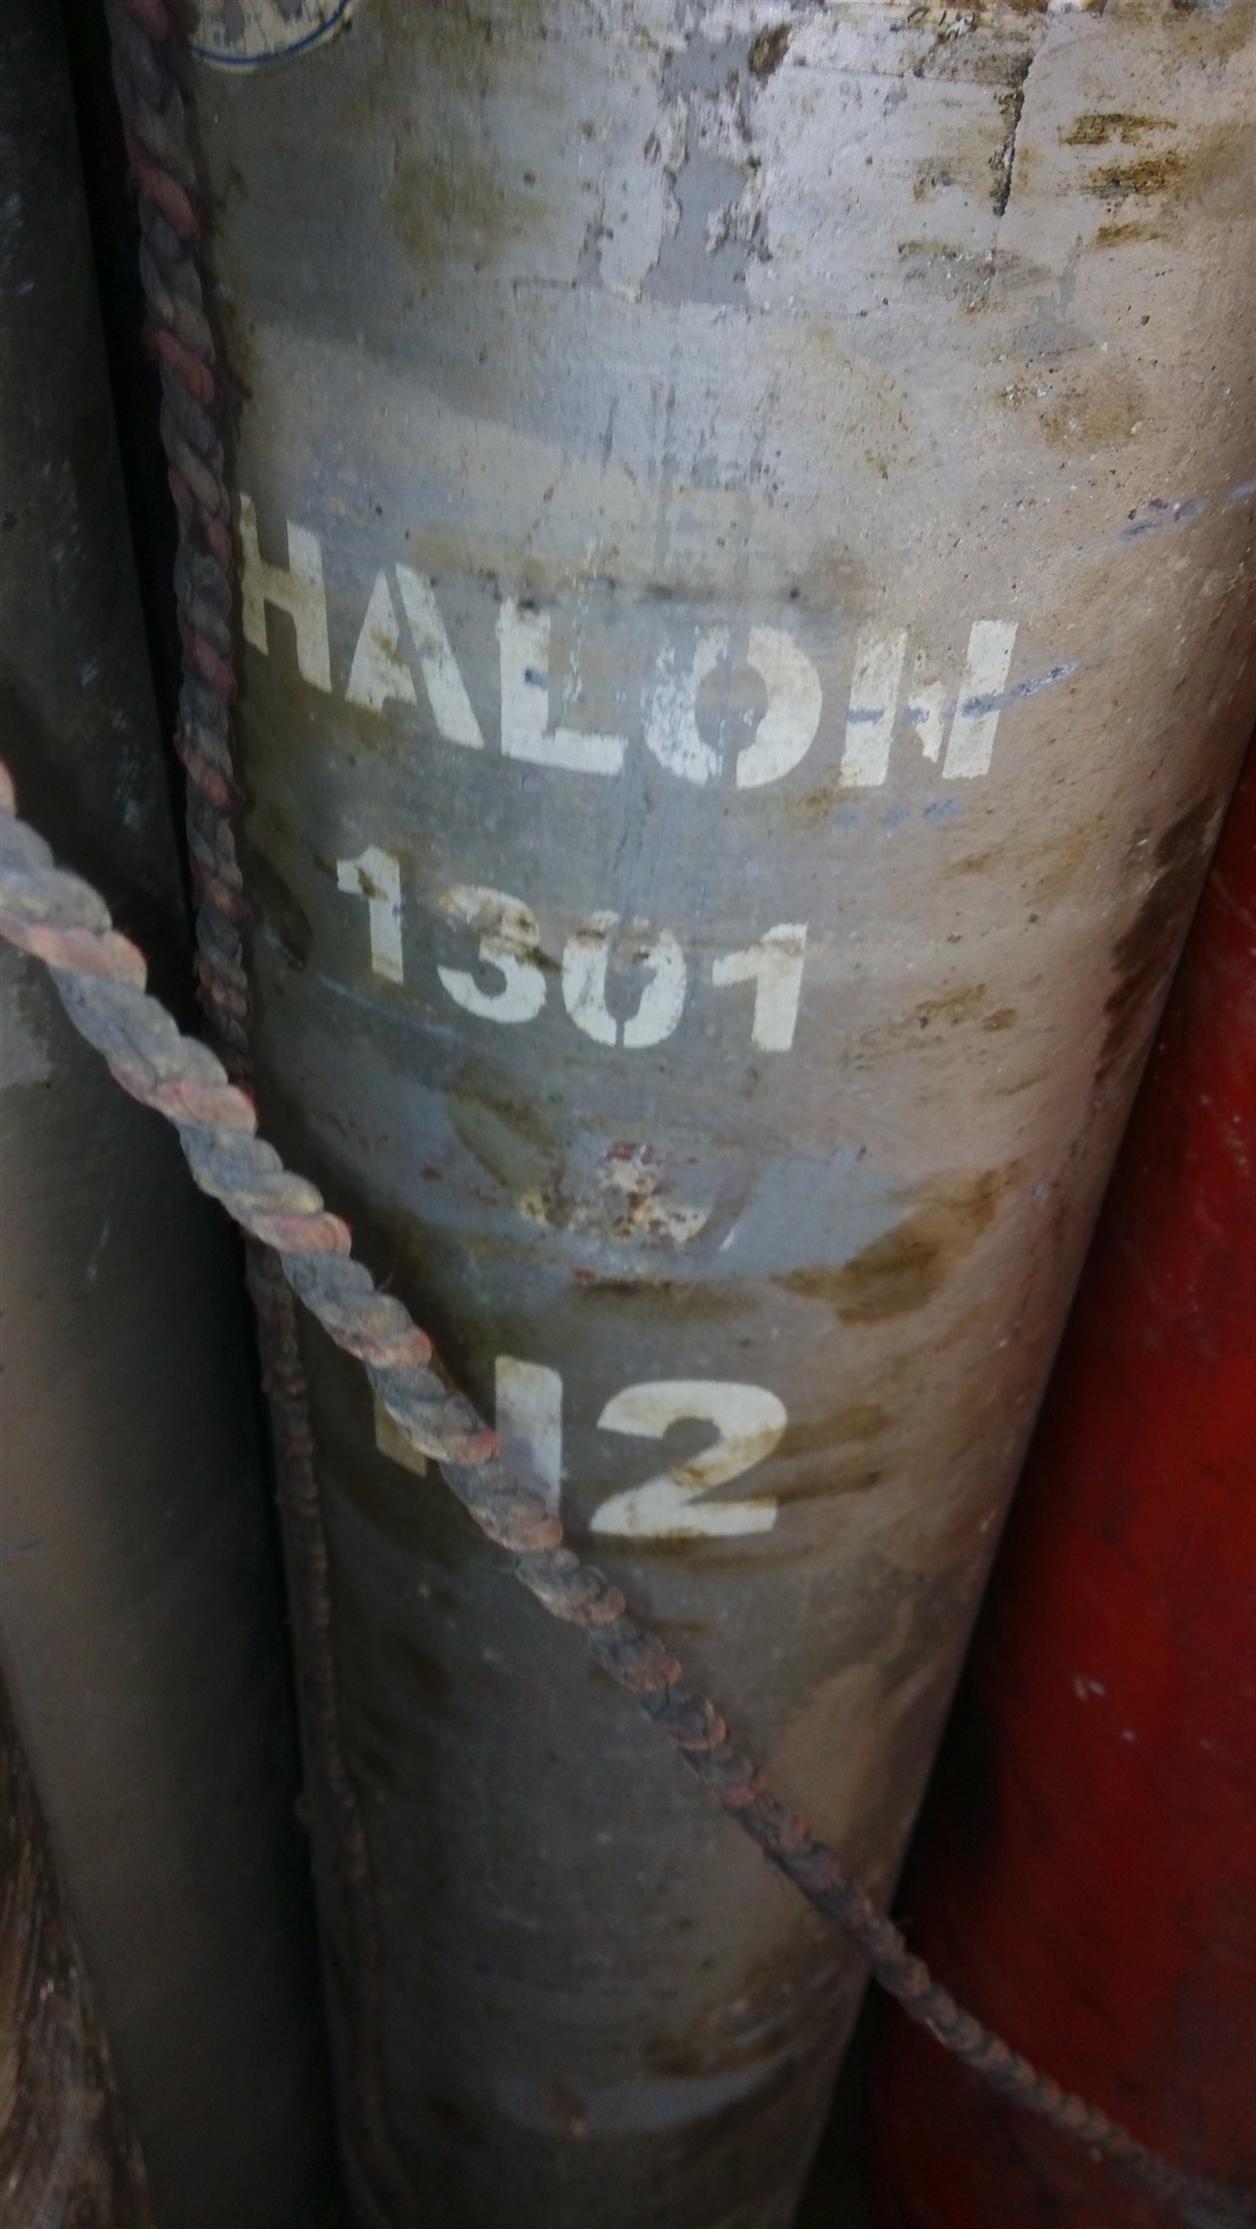 鞍山定点回收1301灭火器剂